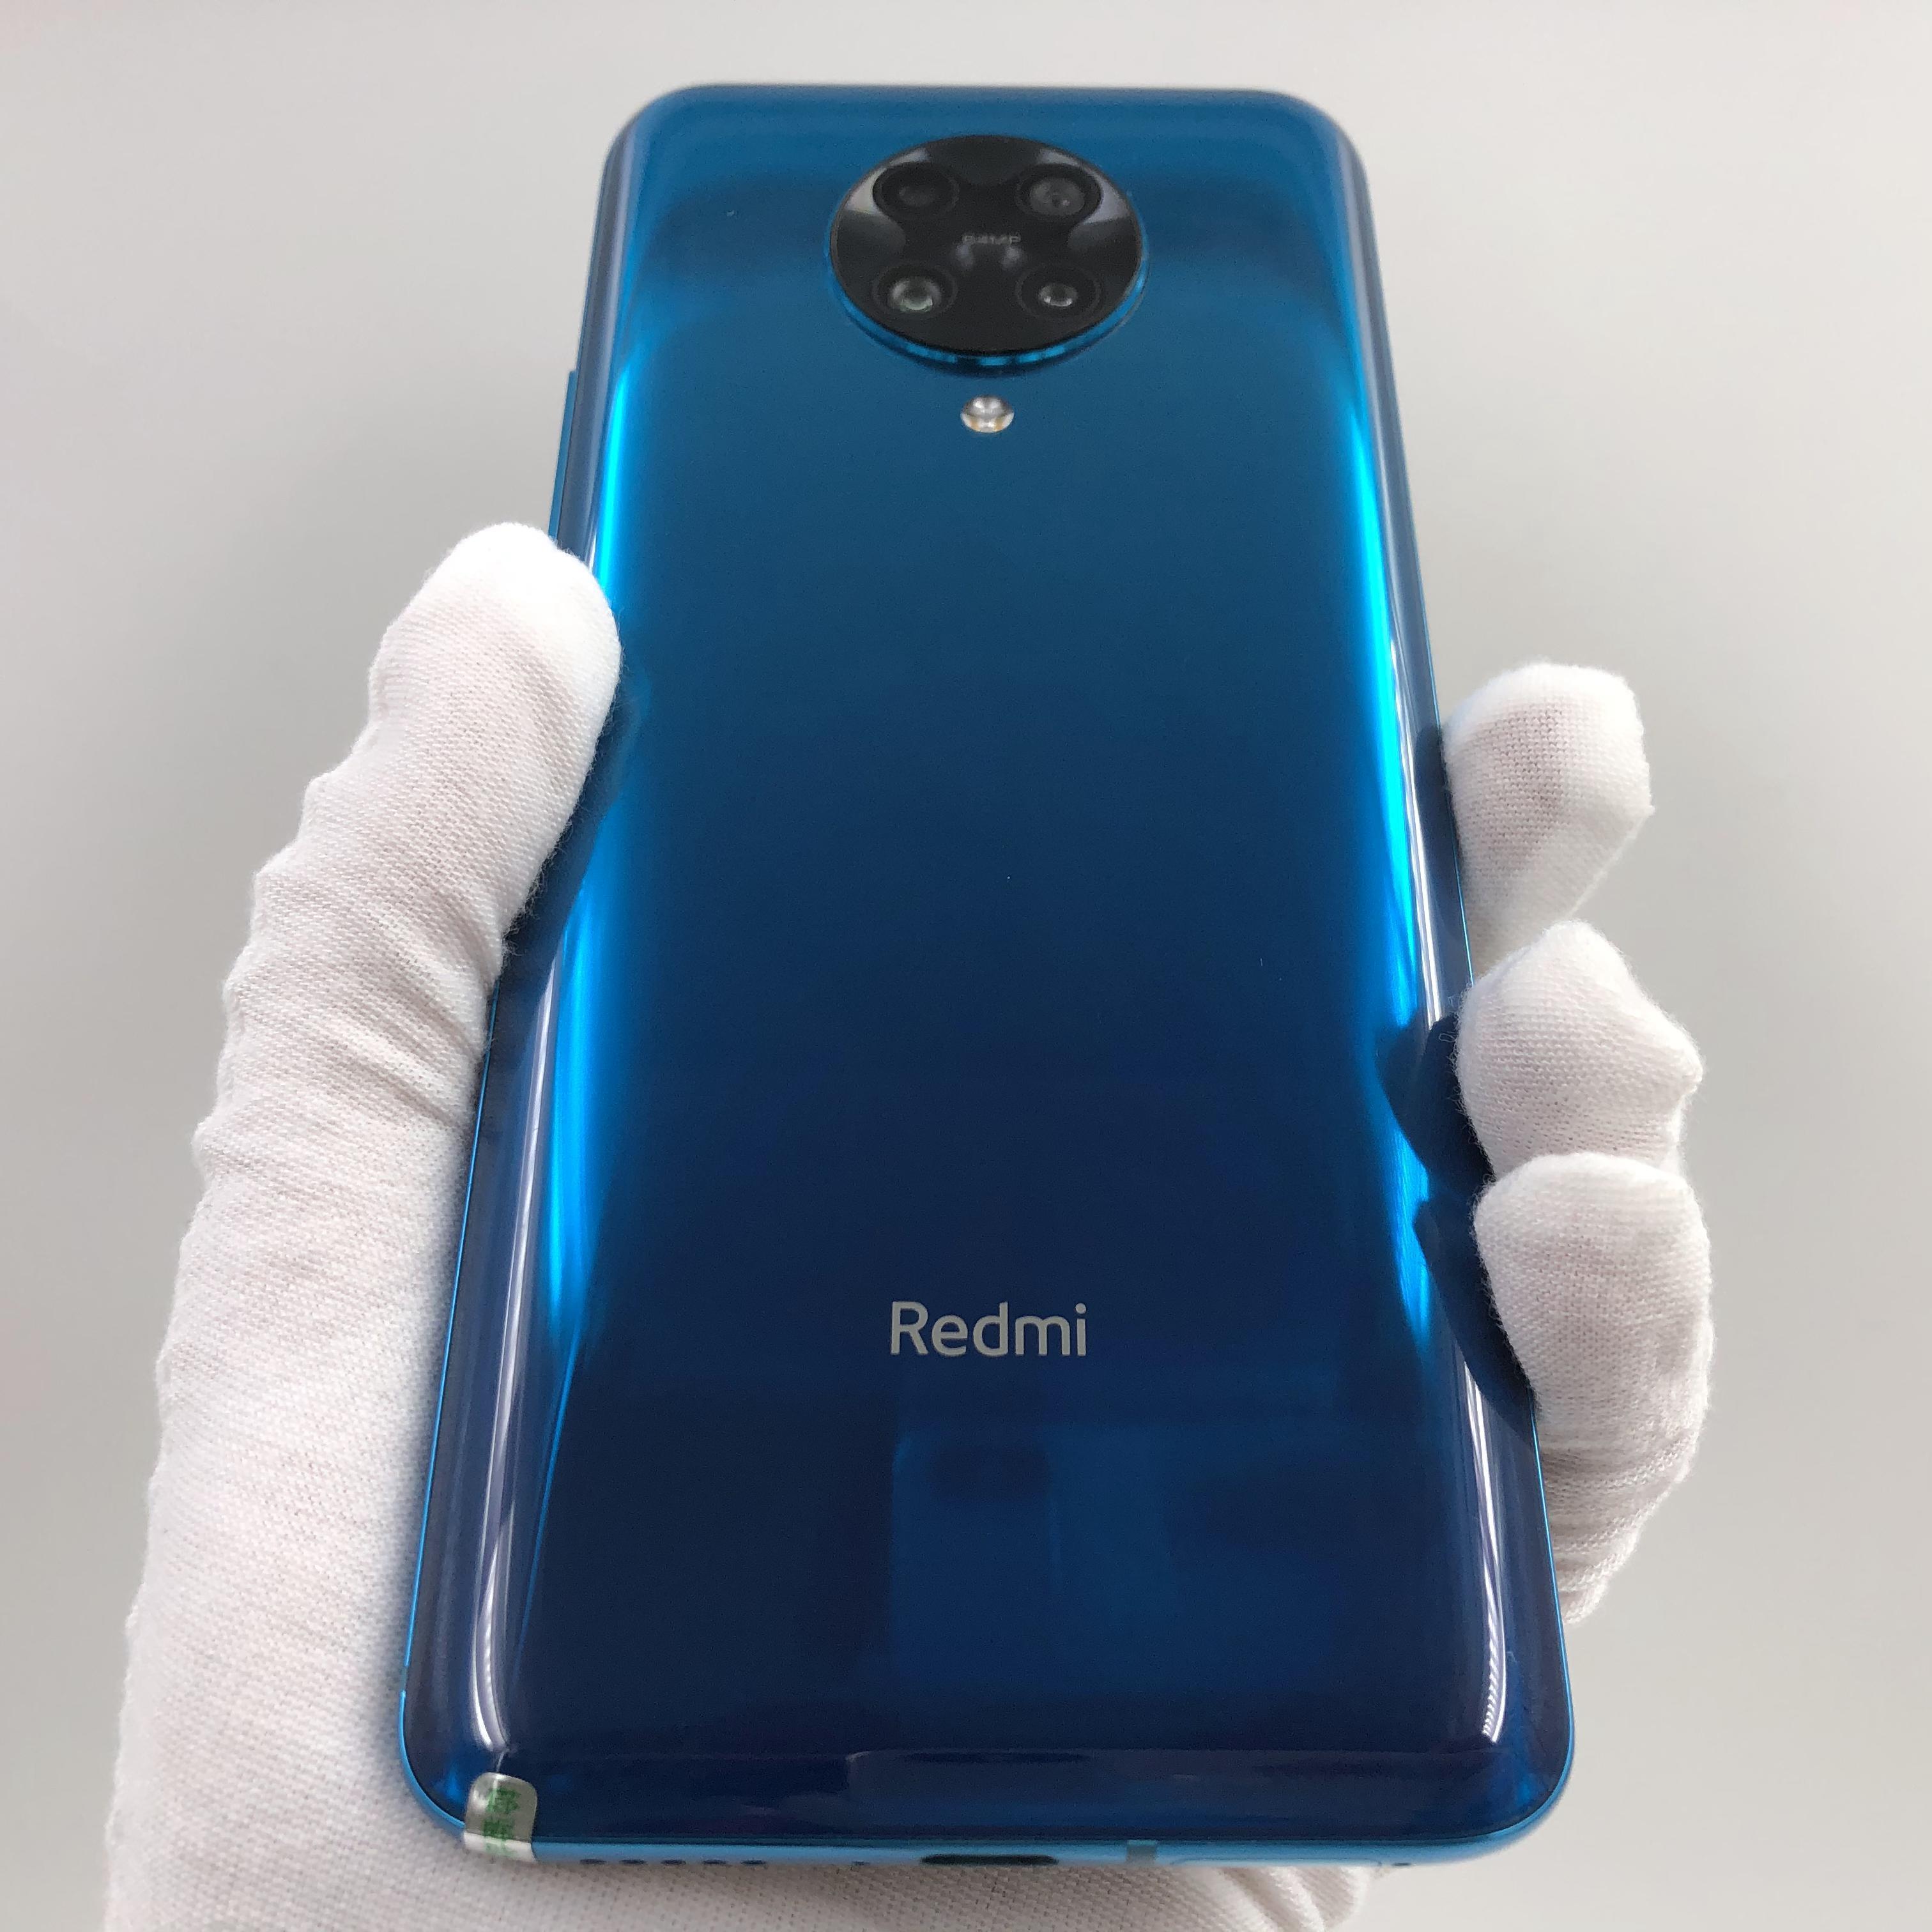 小米【Redmi k30 Pro 5G】5G全网通 天际蓝 6G/128G 国行 95新 真机实拍